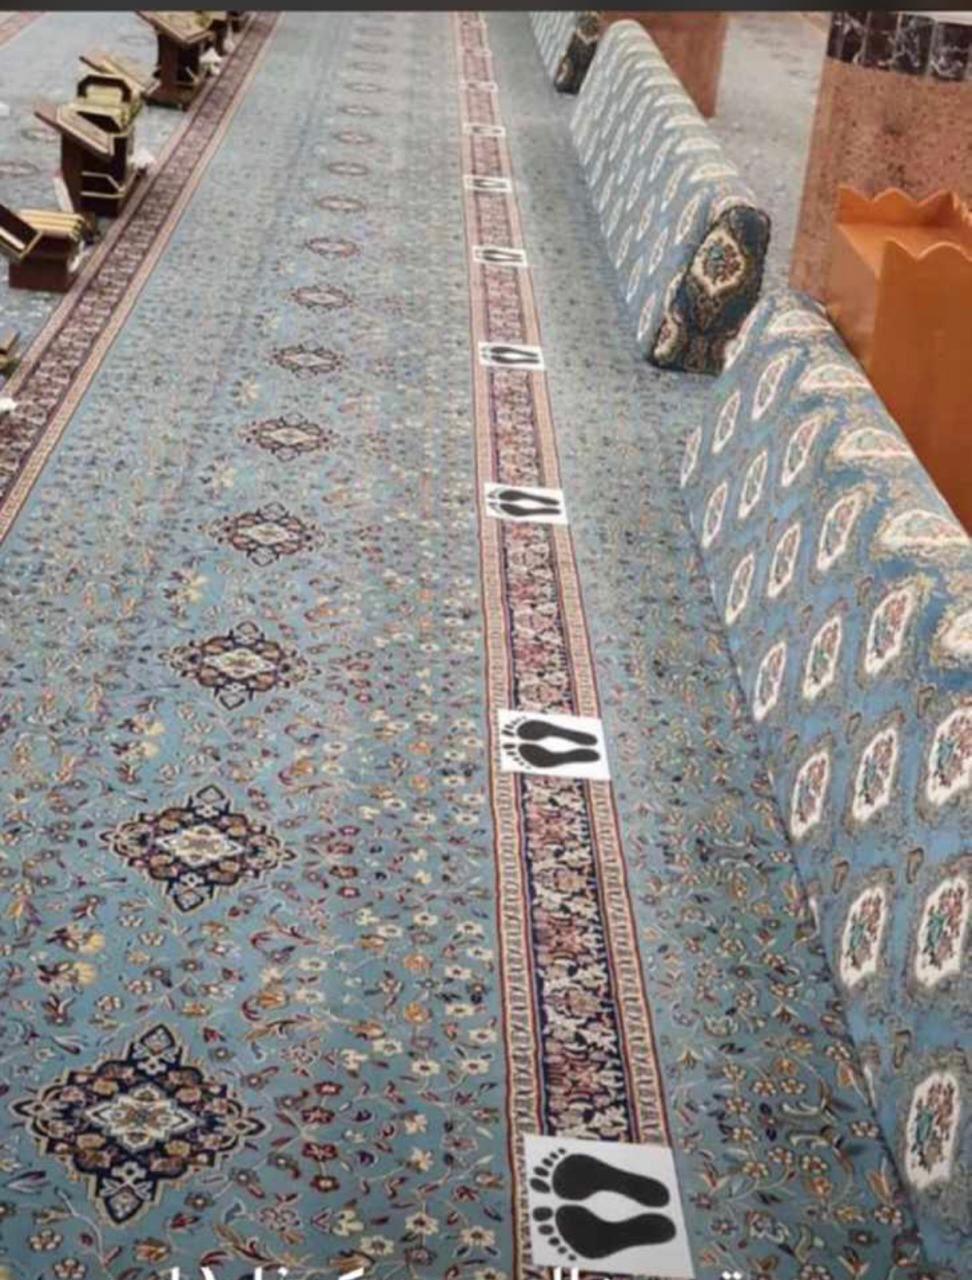 علامات على السجاد بالمساجد